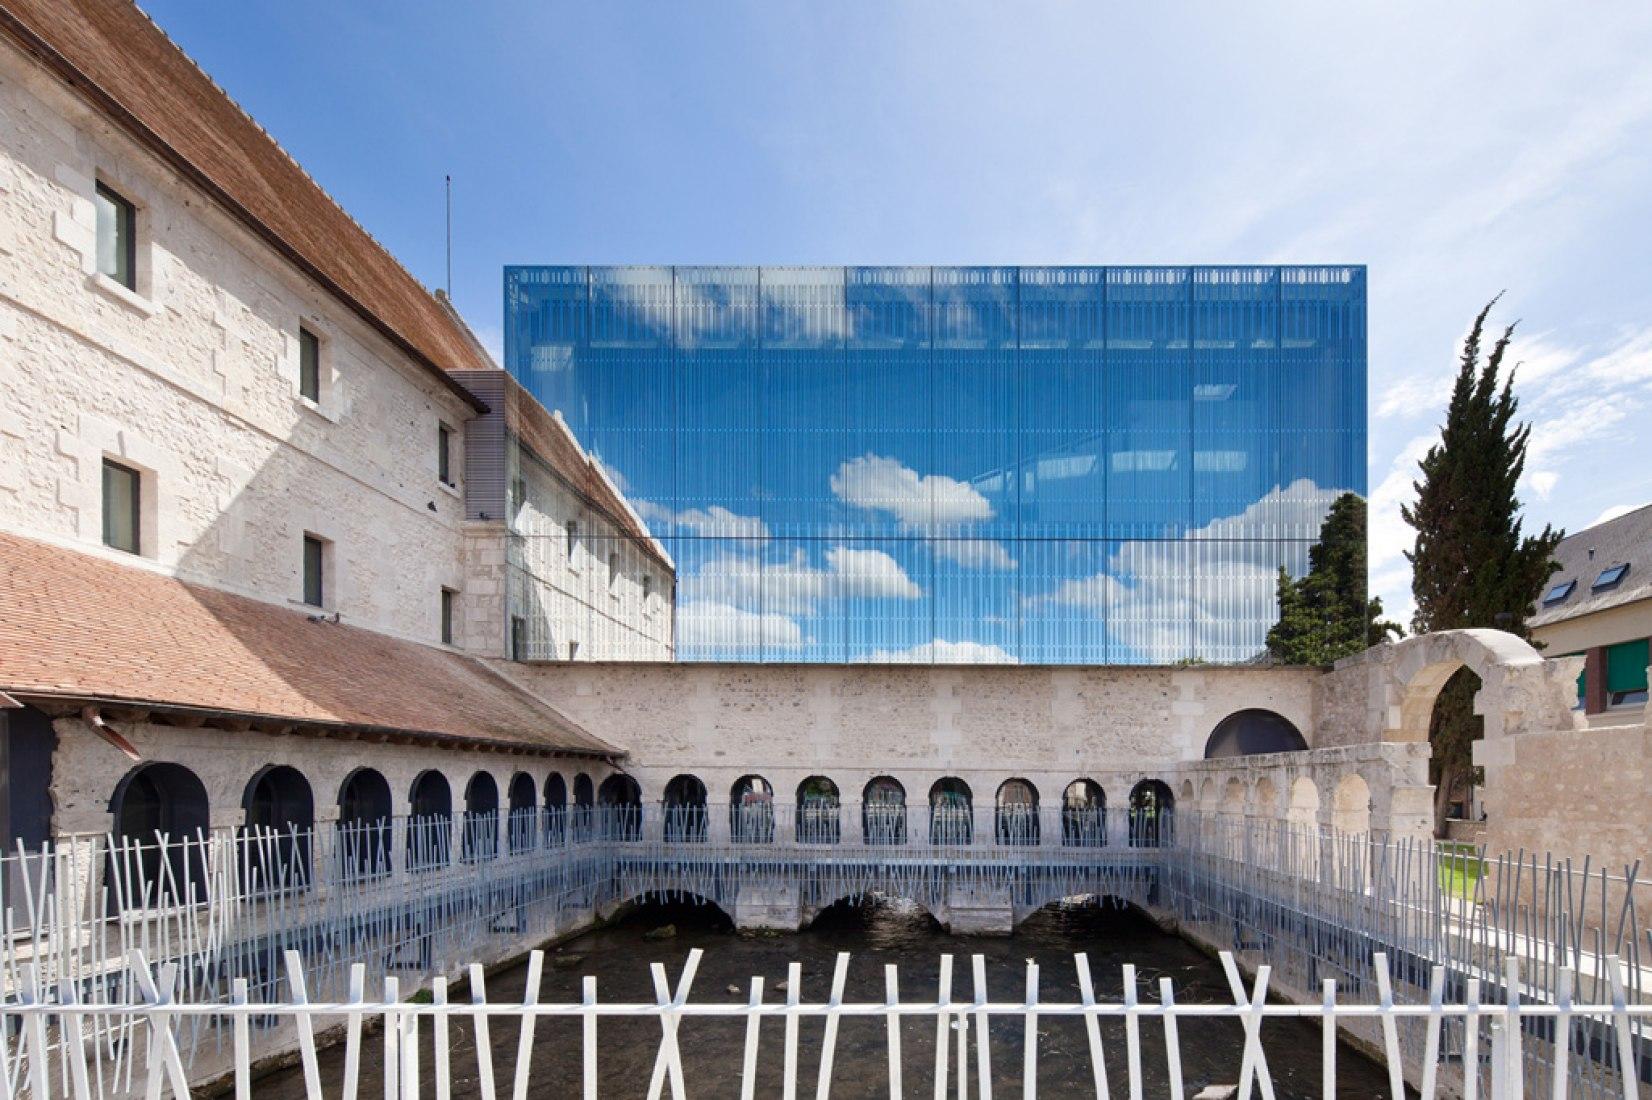 Vista frontal del auditorio. Escuela de Música de Louviers por Opus 5 architectes. Fotografía © Luc Boegly.